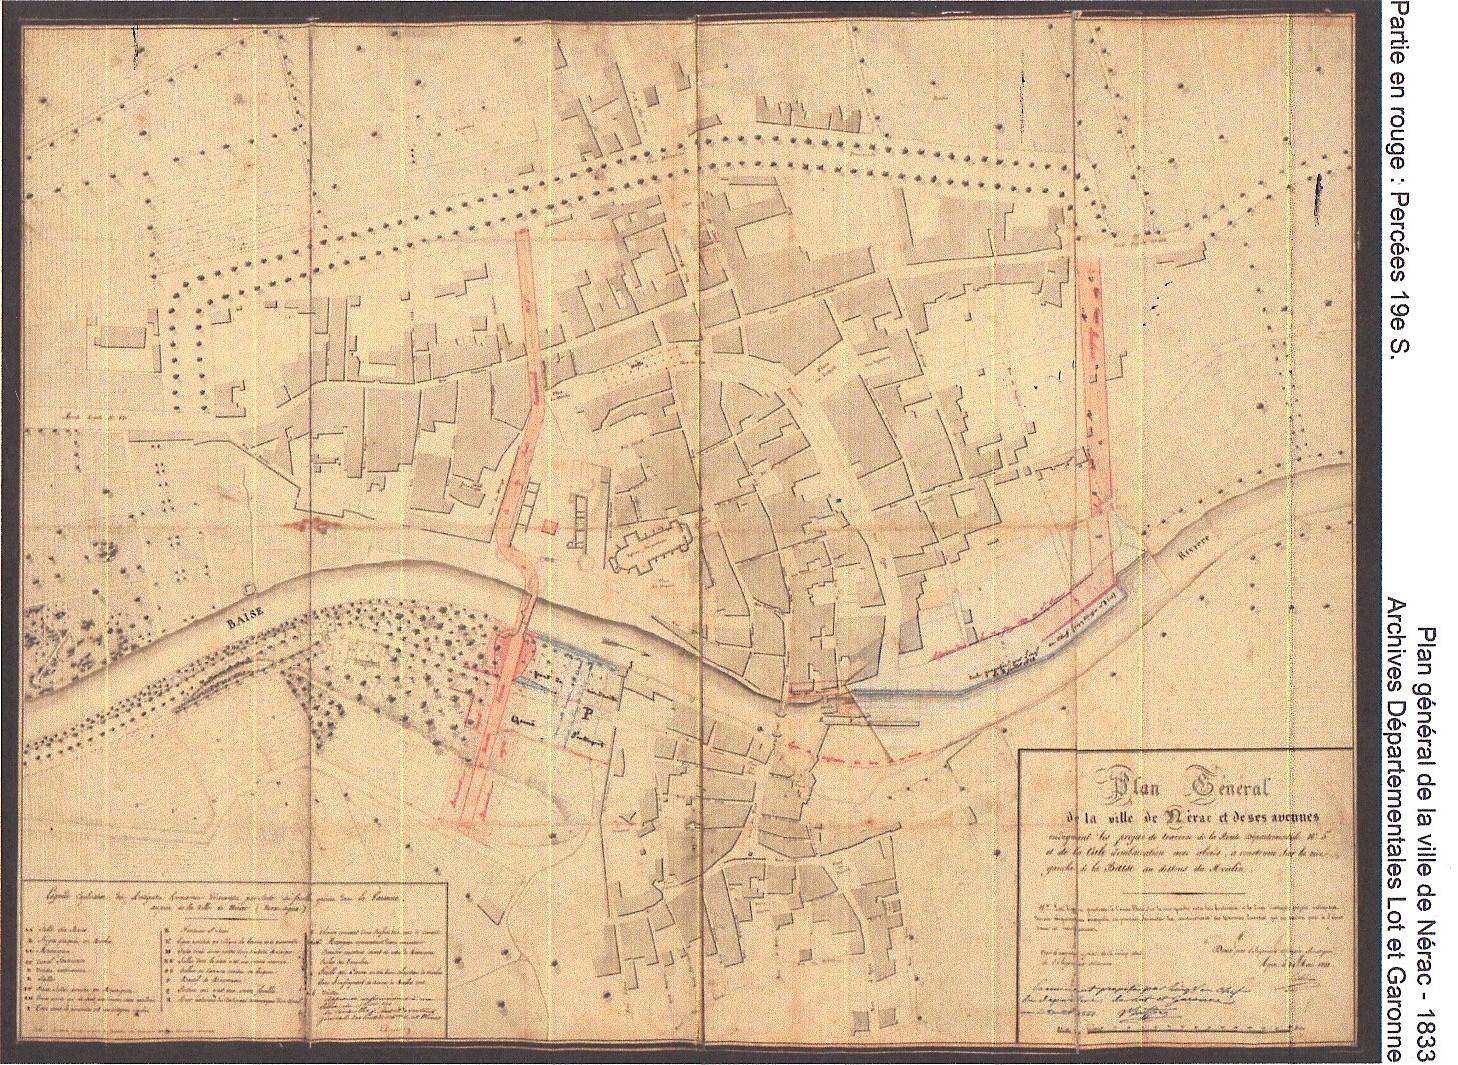 En rouge, les percées du XIXe siècle. Plan général de la ville de Nérac en 1833. Archives du département Lot et Garonne.